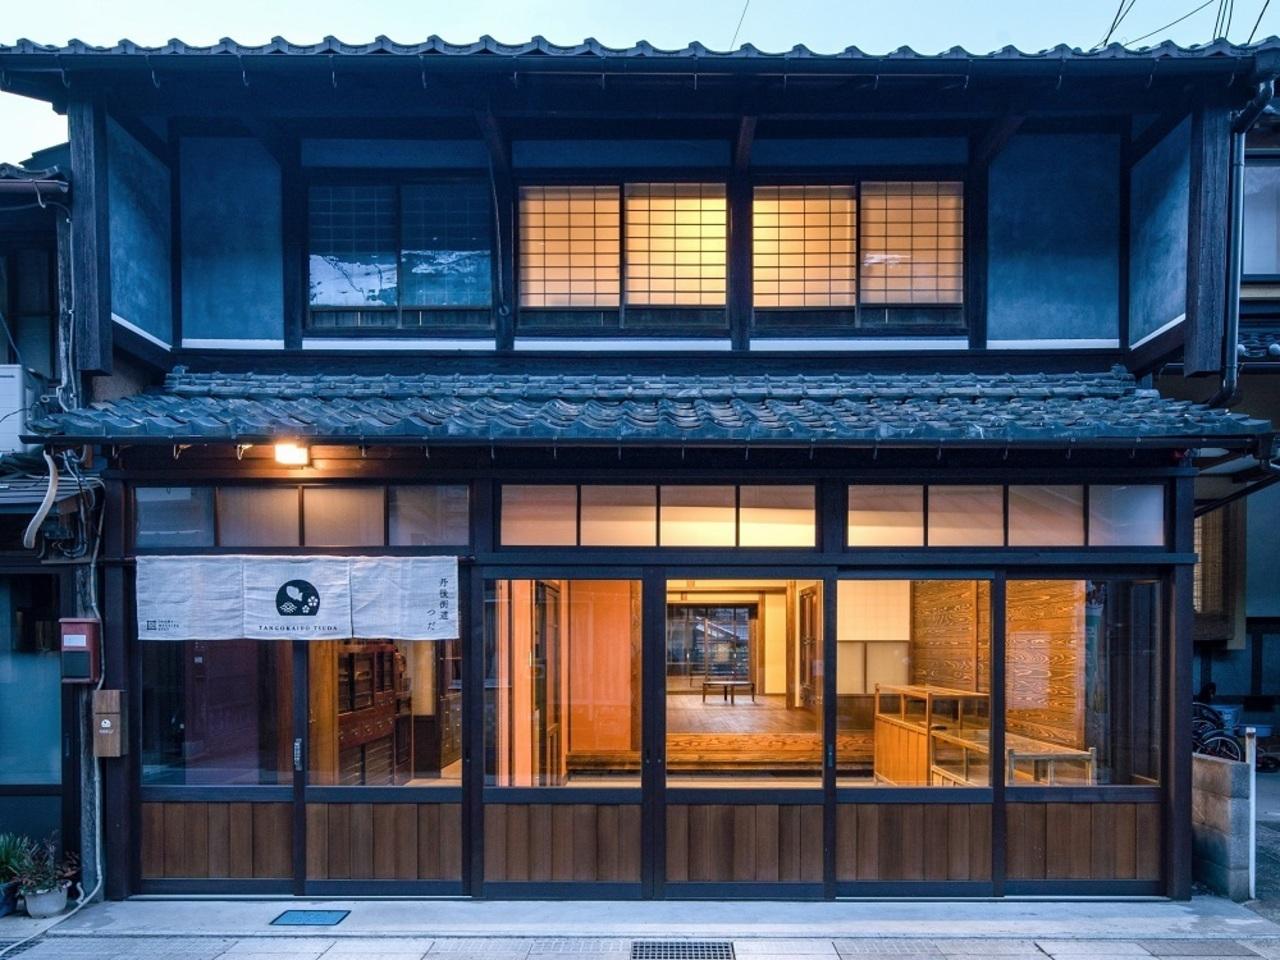 福井県小浜市の一棟貸しの分散型古民家ホテル『小浜町家ステイ 丹後街道つだ蔵』3月open